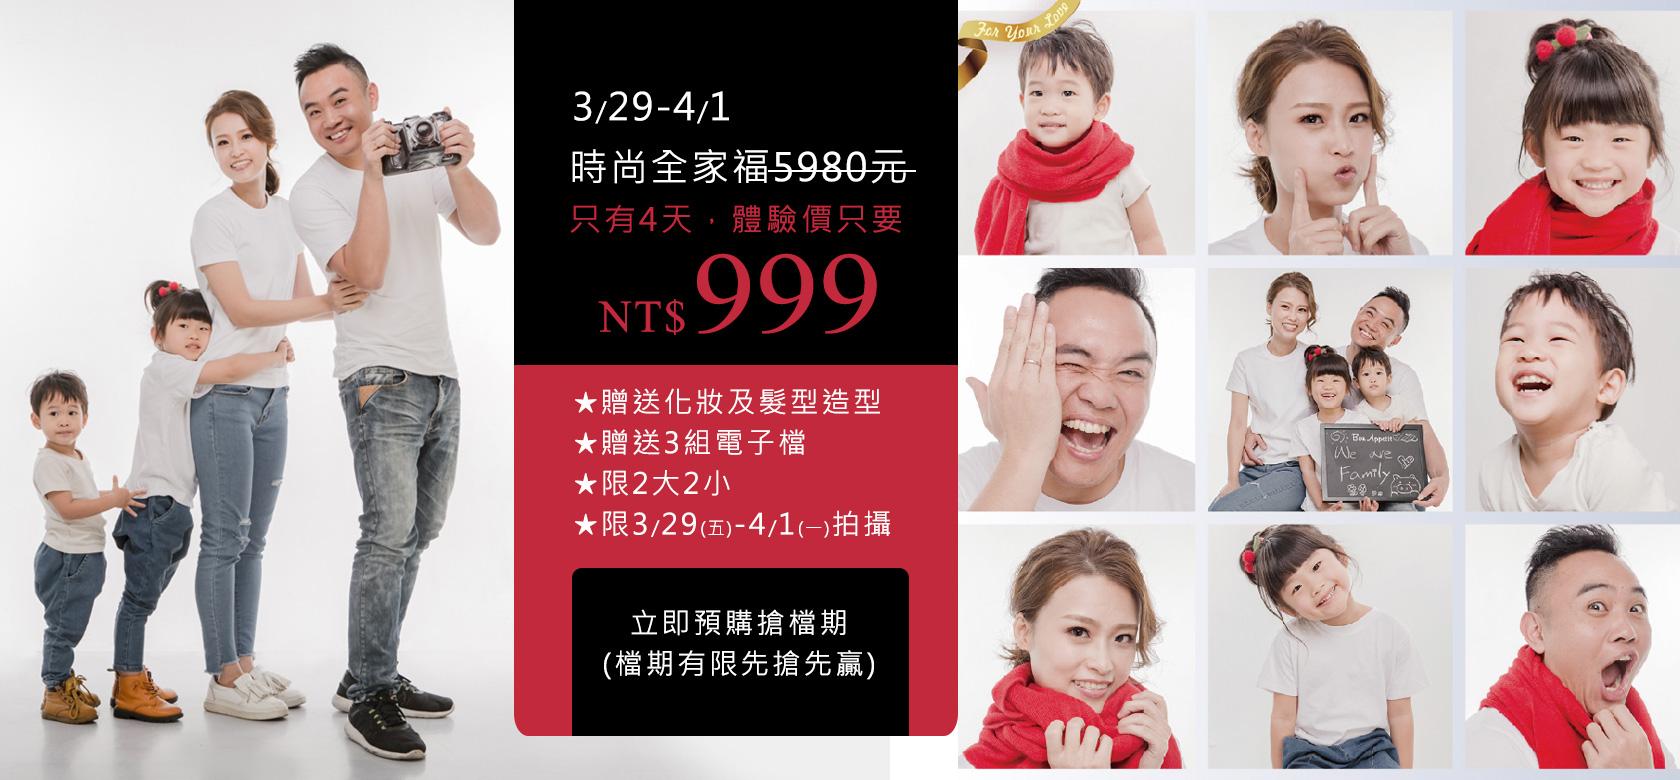 999元拍時尚全家福-1680×780